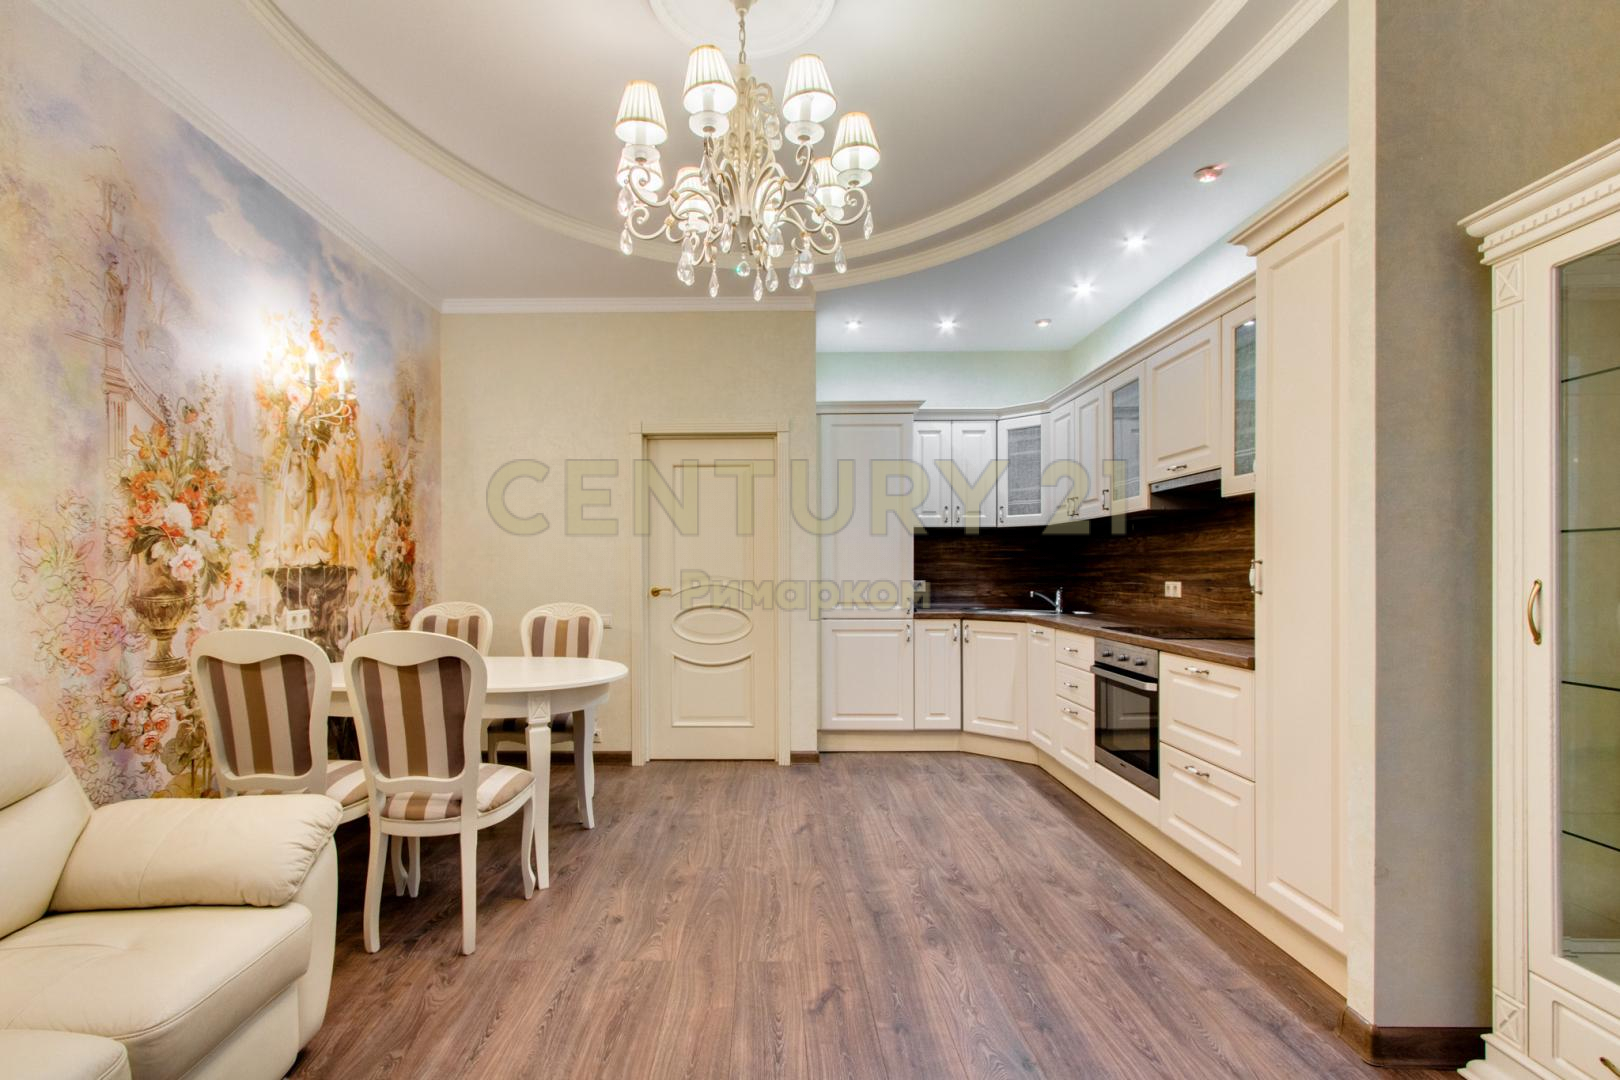 Продается трехкомнатная квартира за 14 750 000 рублей. Троицк, Троицкий бульвар, 5.